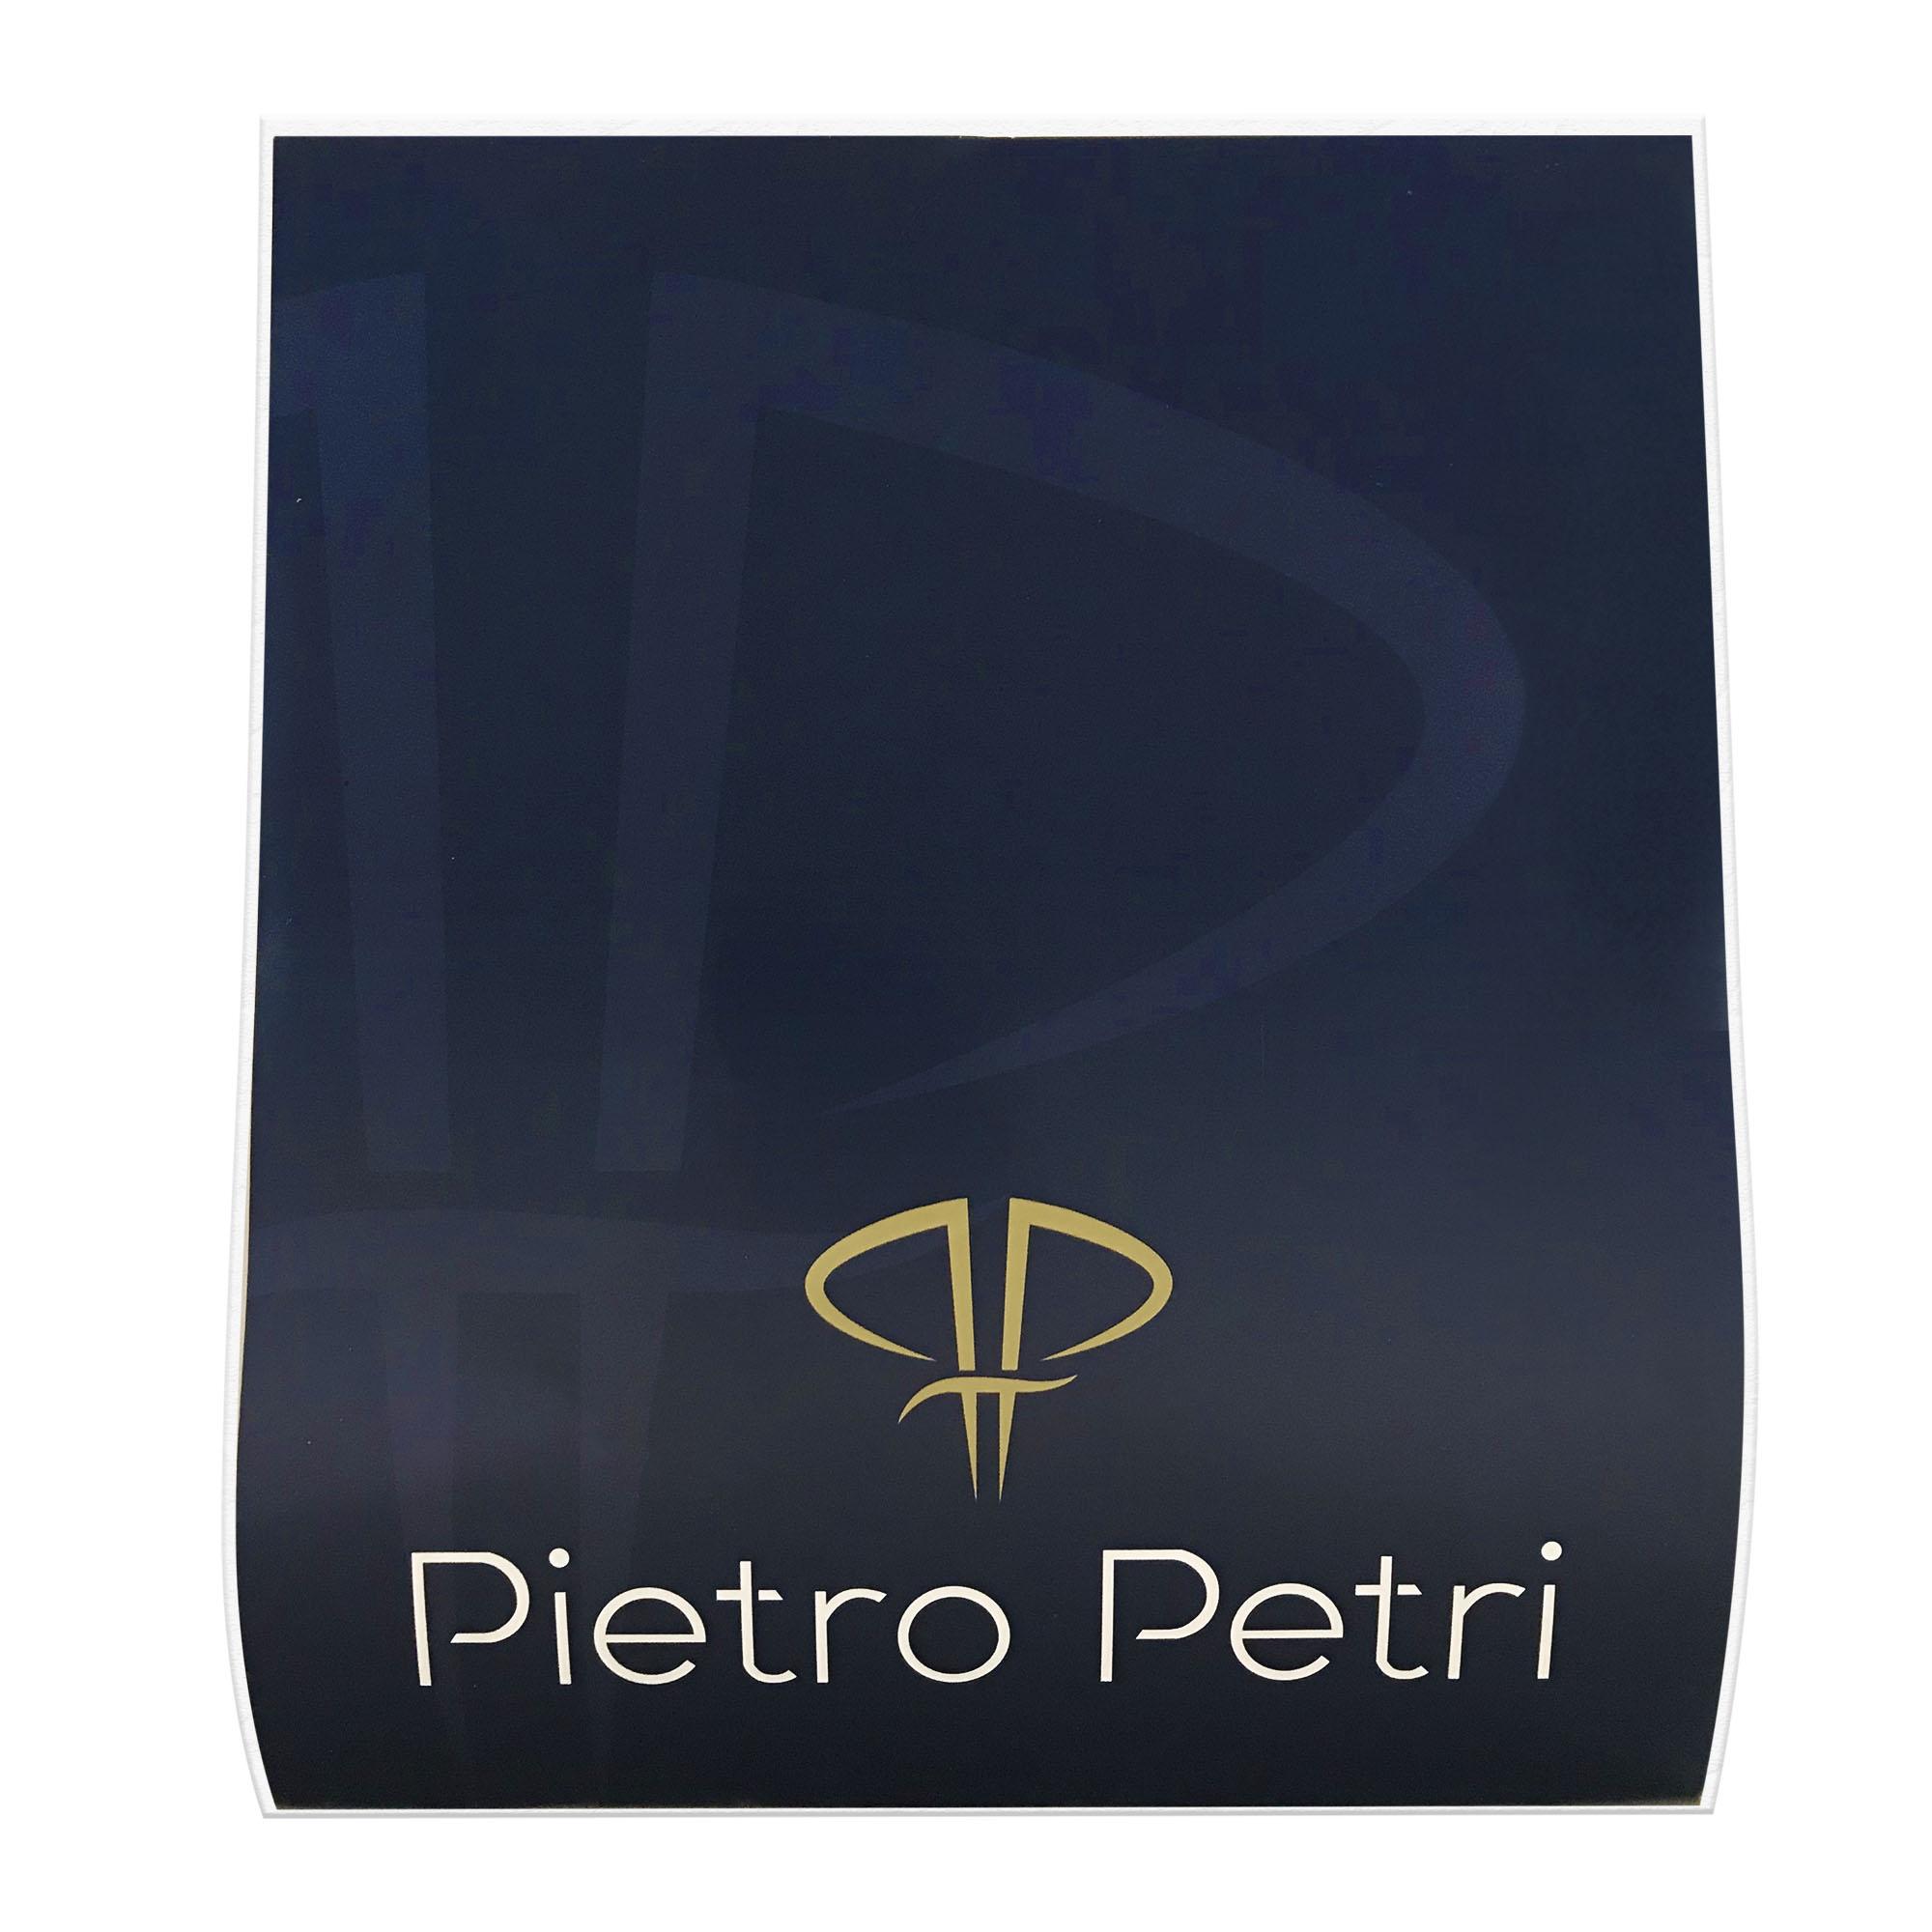 Faixa 3010 estabilizadora de prótese mamária Dr Pietro em neoprene com tamanho ajustável em velcro, ideal para implante  - Cinta se Nova